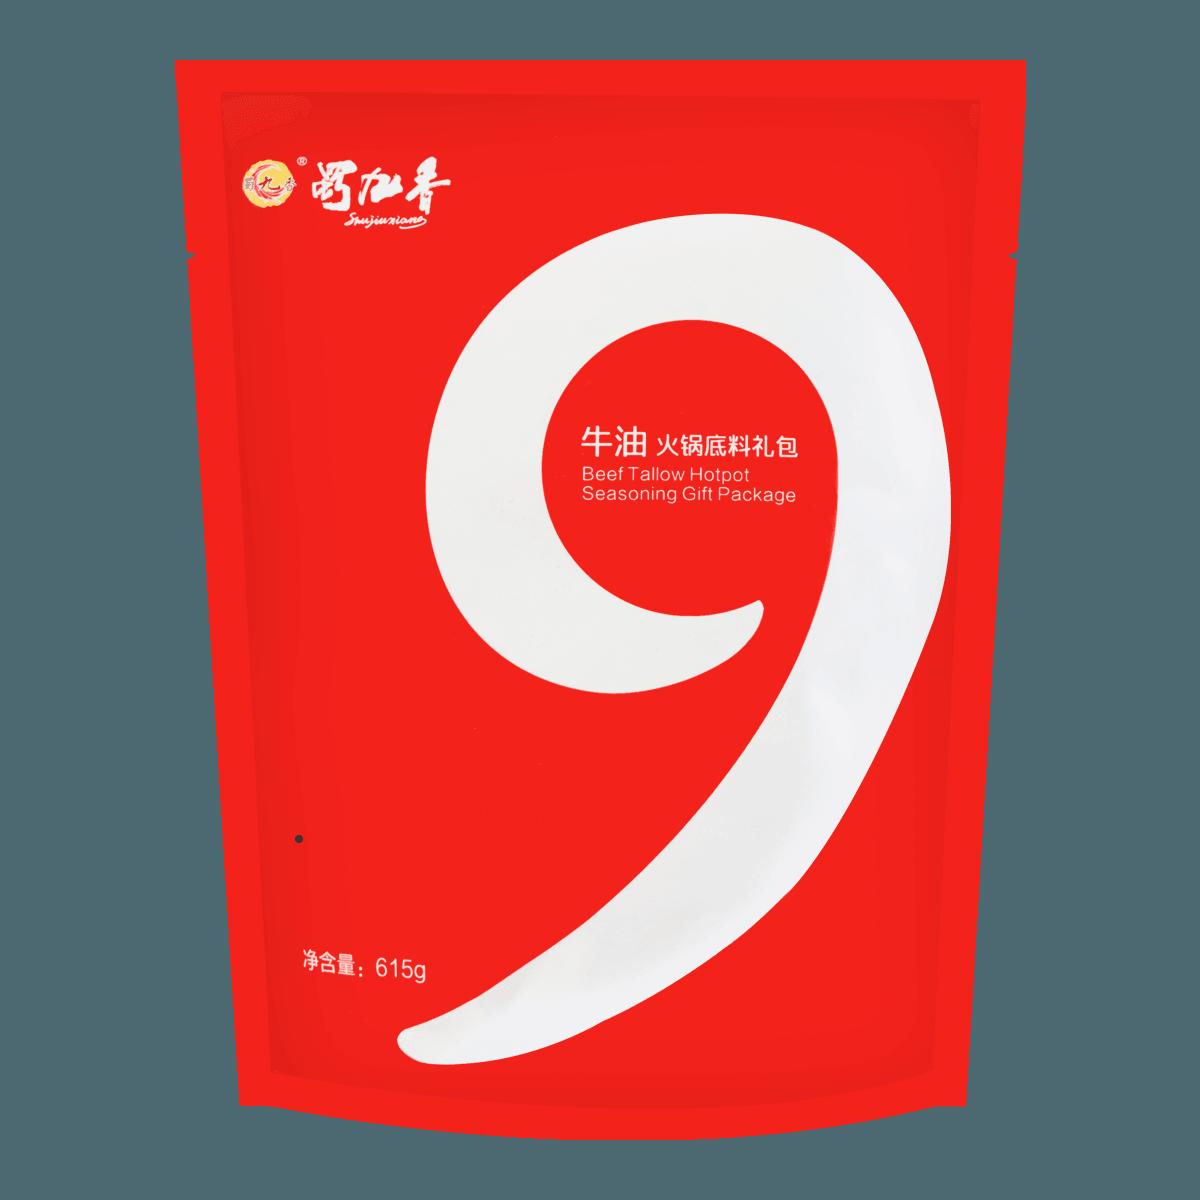 蜀九香 牛油火锅底料礼包 麻辣味 615g 成都特产 经典川味